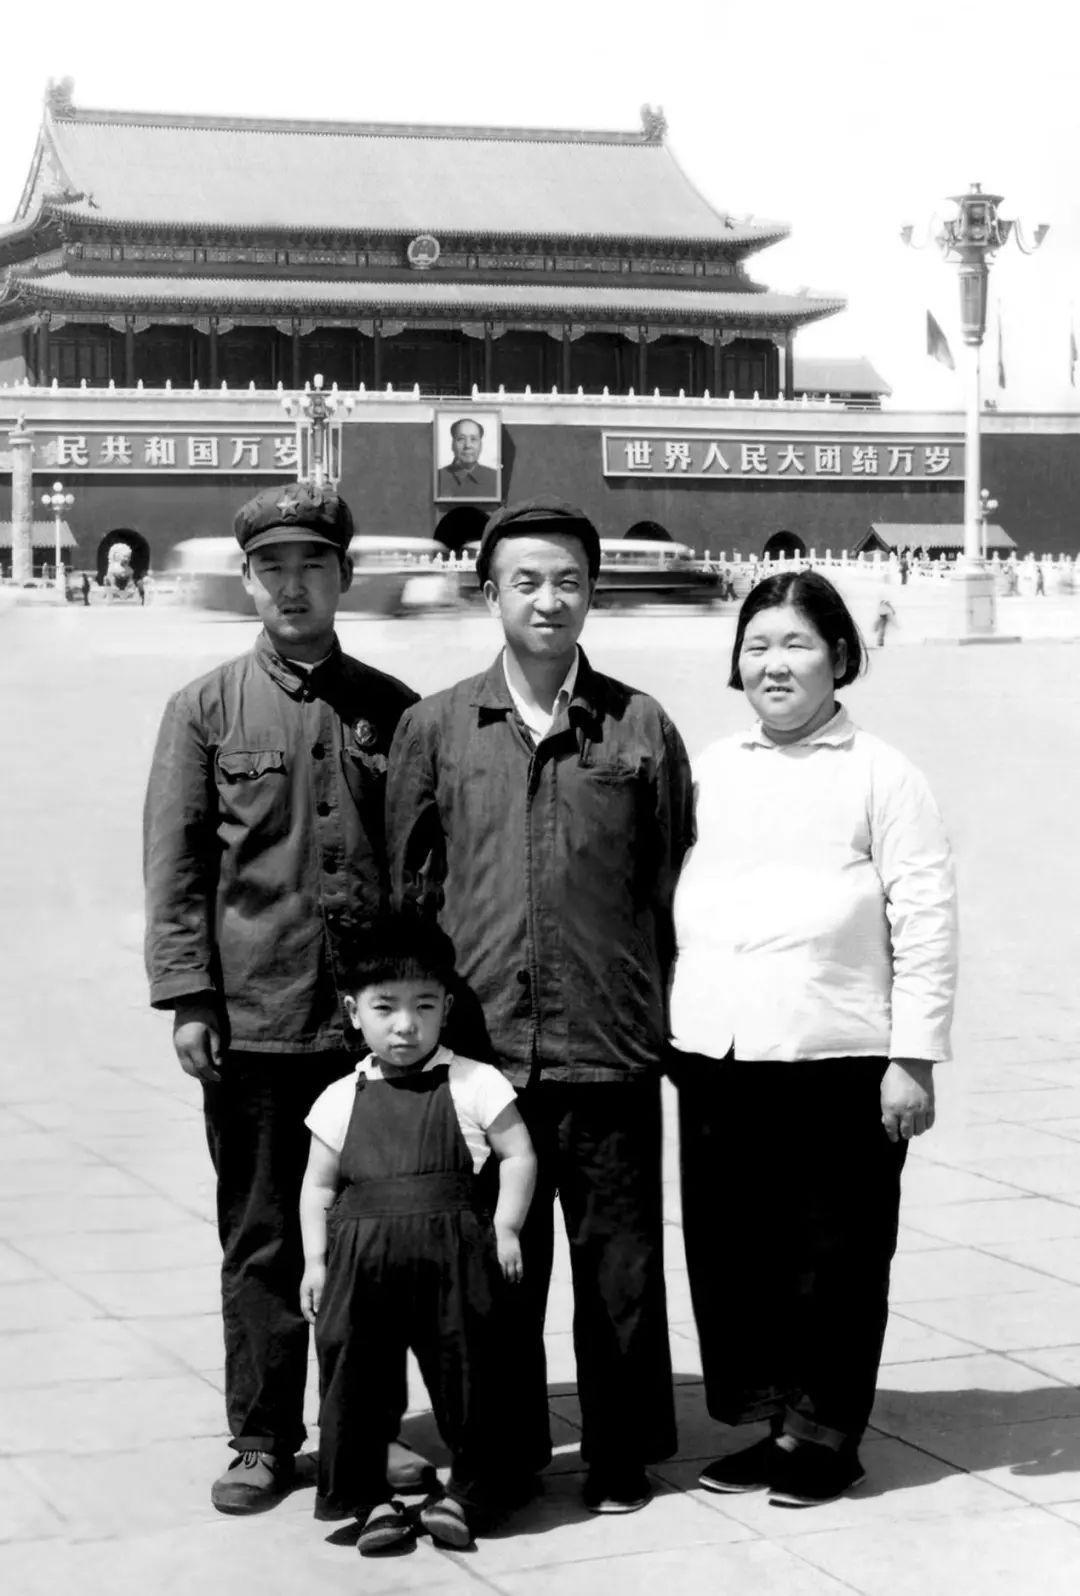 王进喜长孙王洪波:我最喜欢的爷爷的名言……